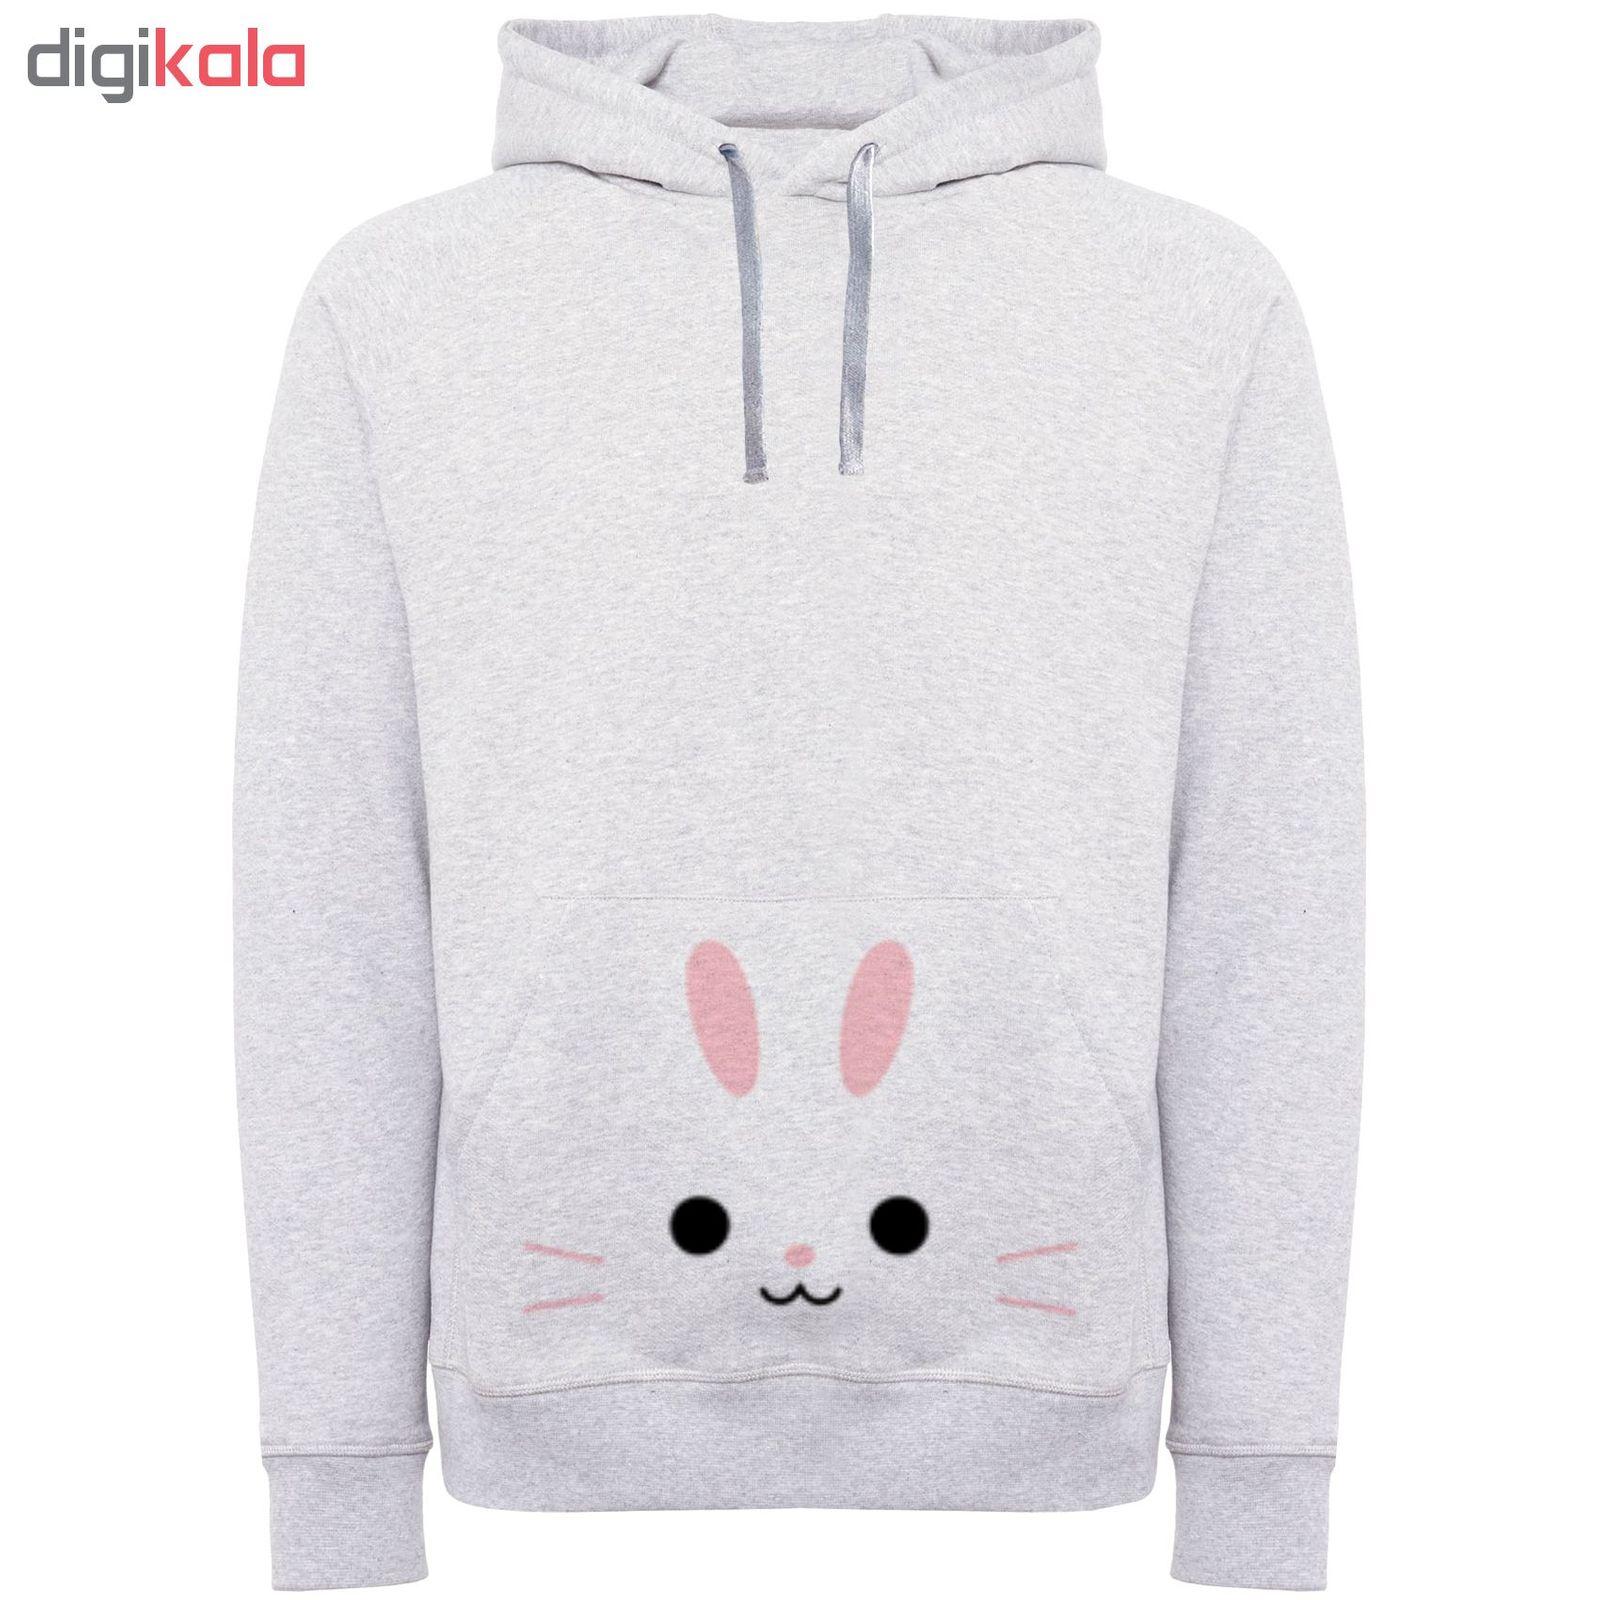 هودی زنانه طرح خرگوش کد F235 main 1 1